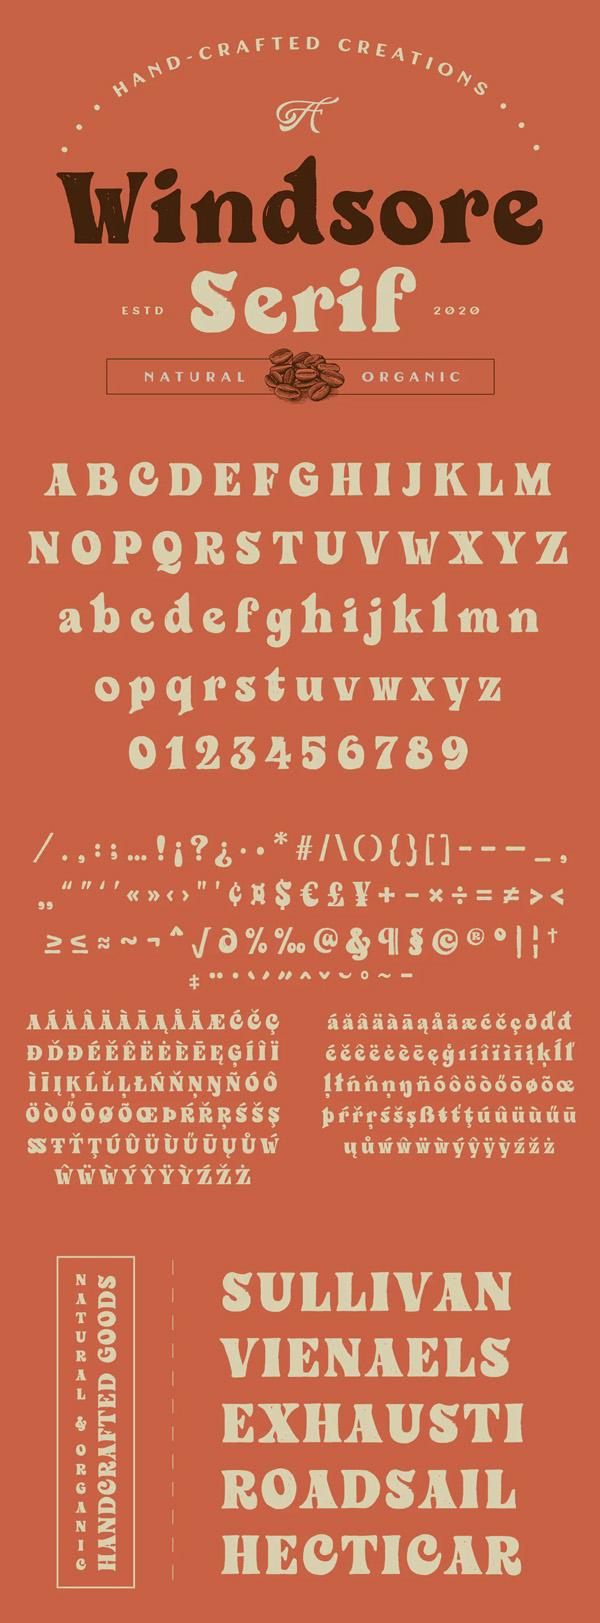 Windsore Serif Font